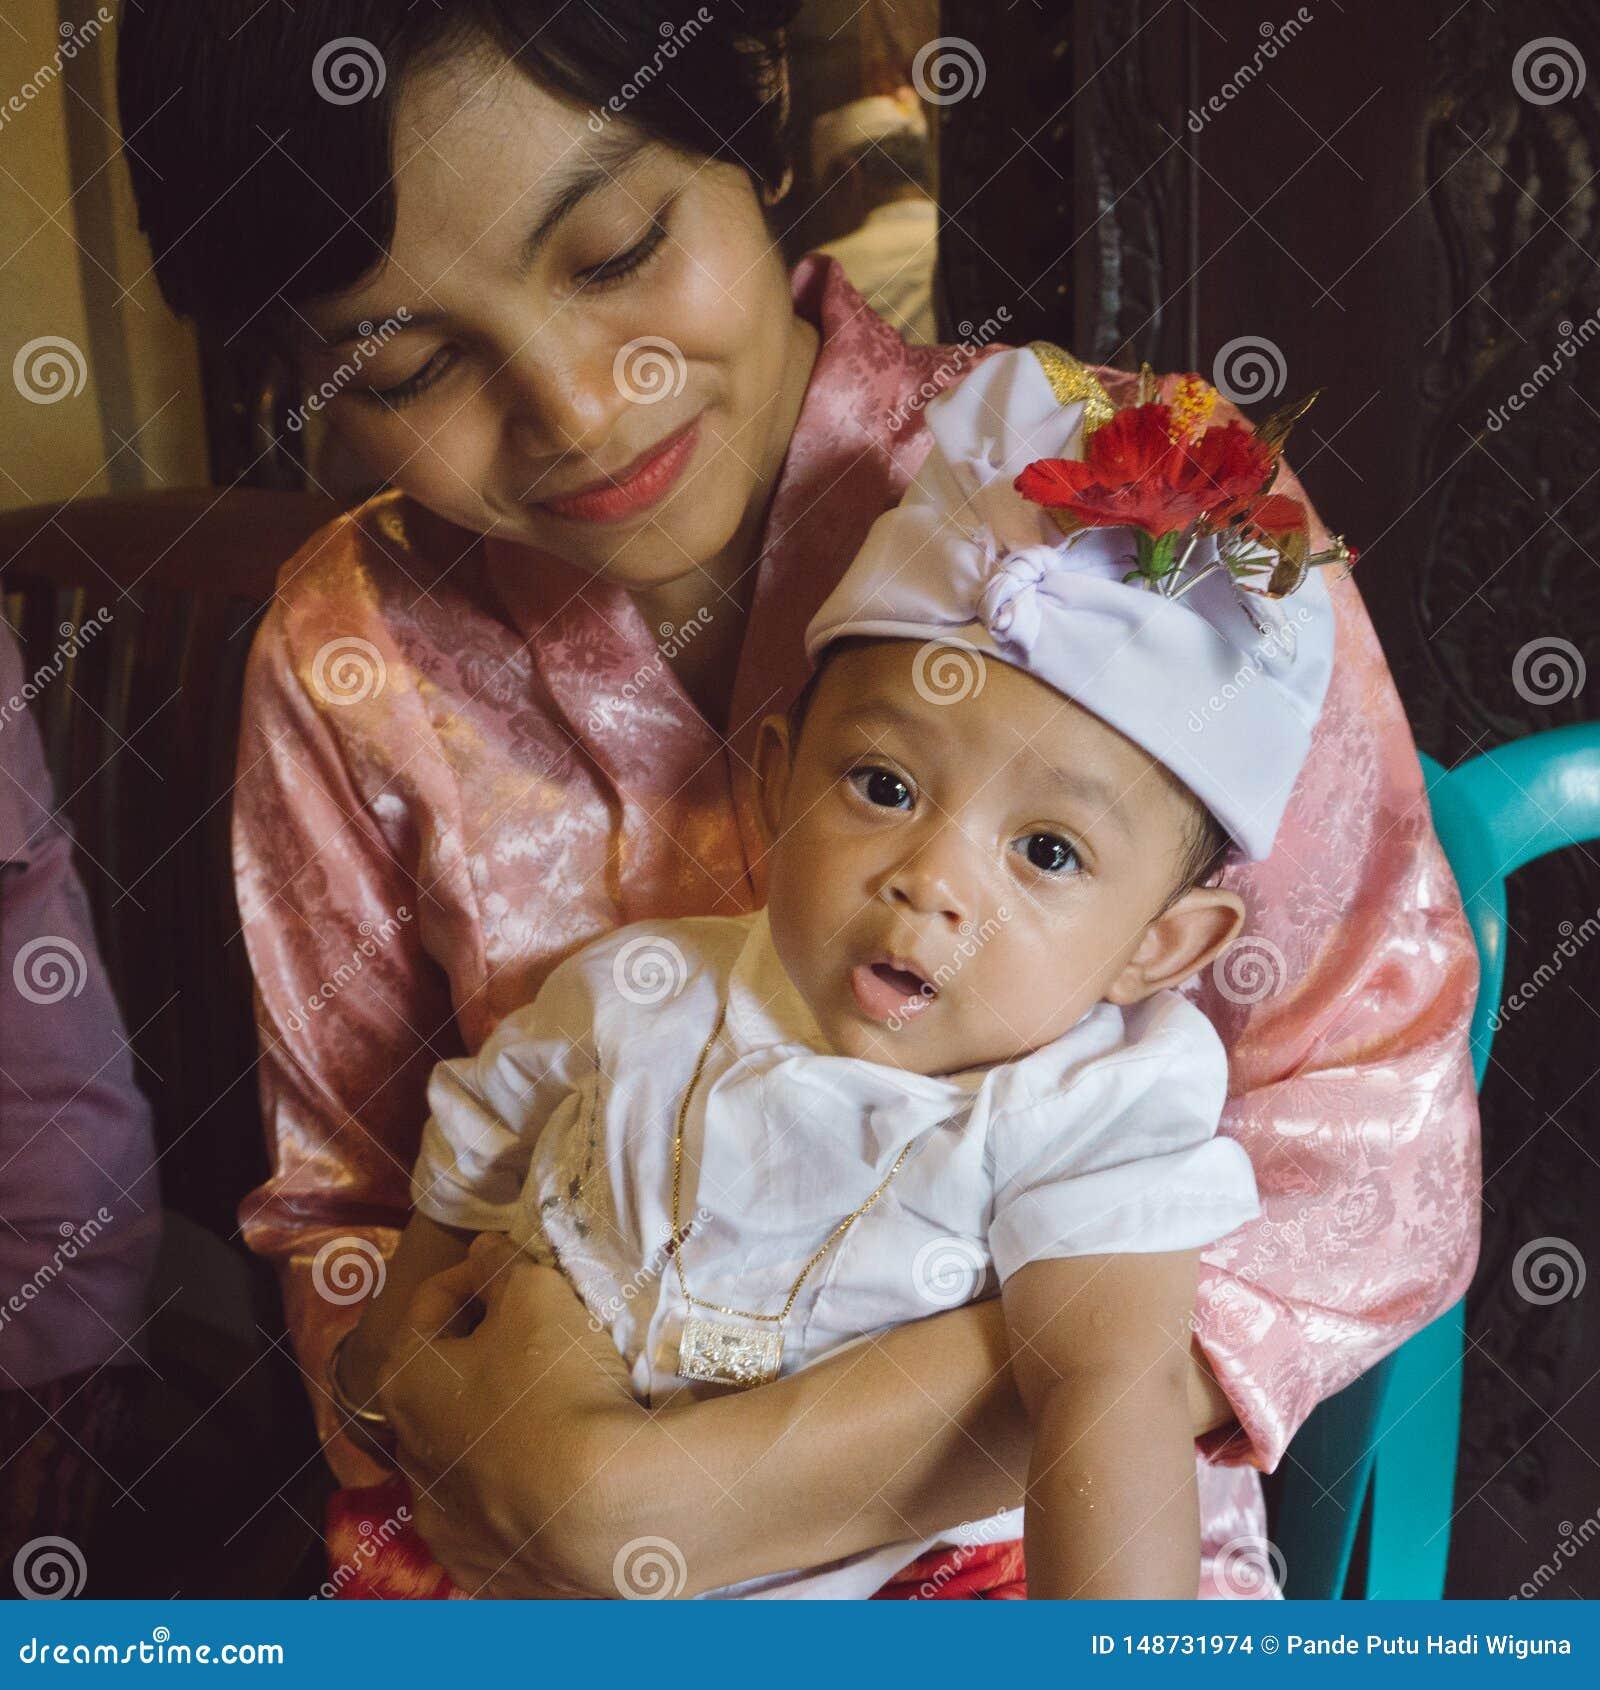 Un portrait d une mère avec son bébé garçon qui est 3 mois dans les bras de la mère Les bébés posent utilisant des bandeaux et le